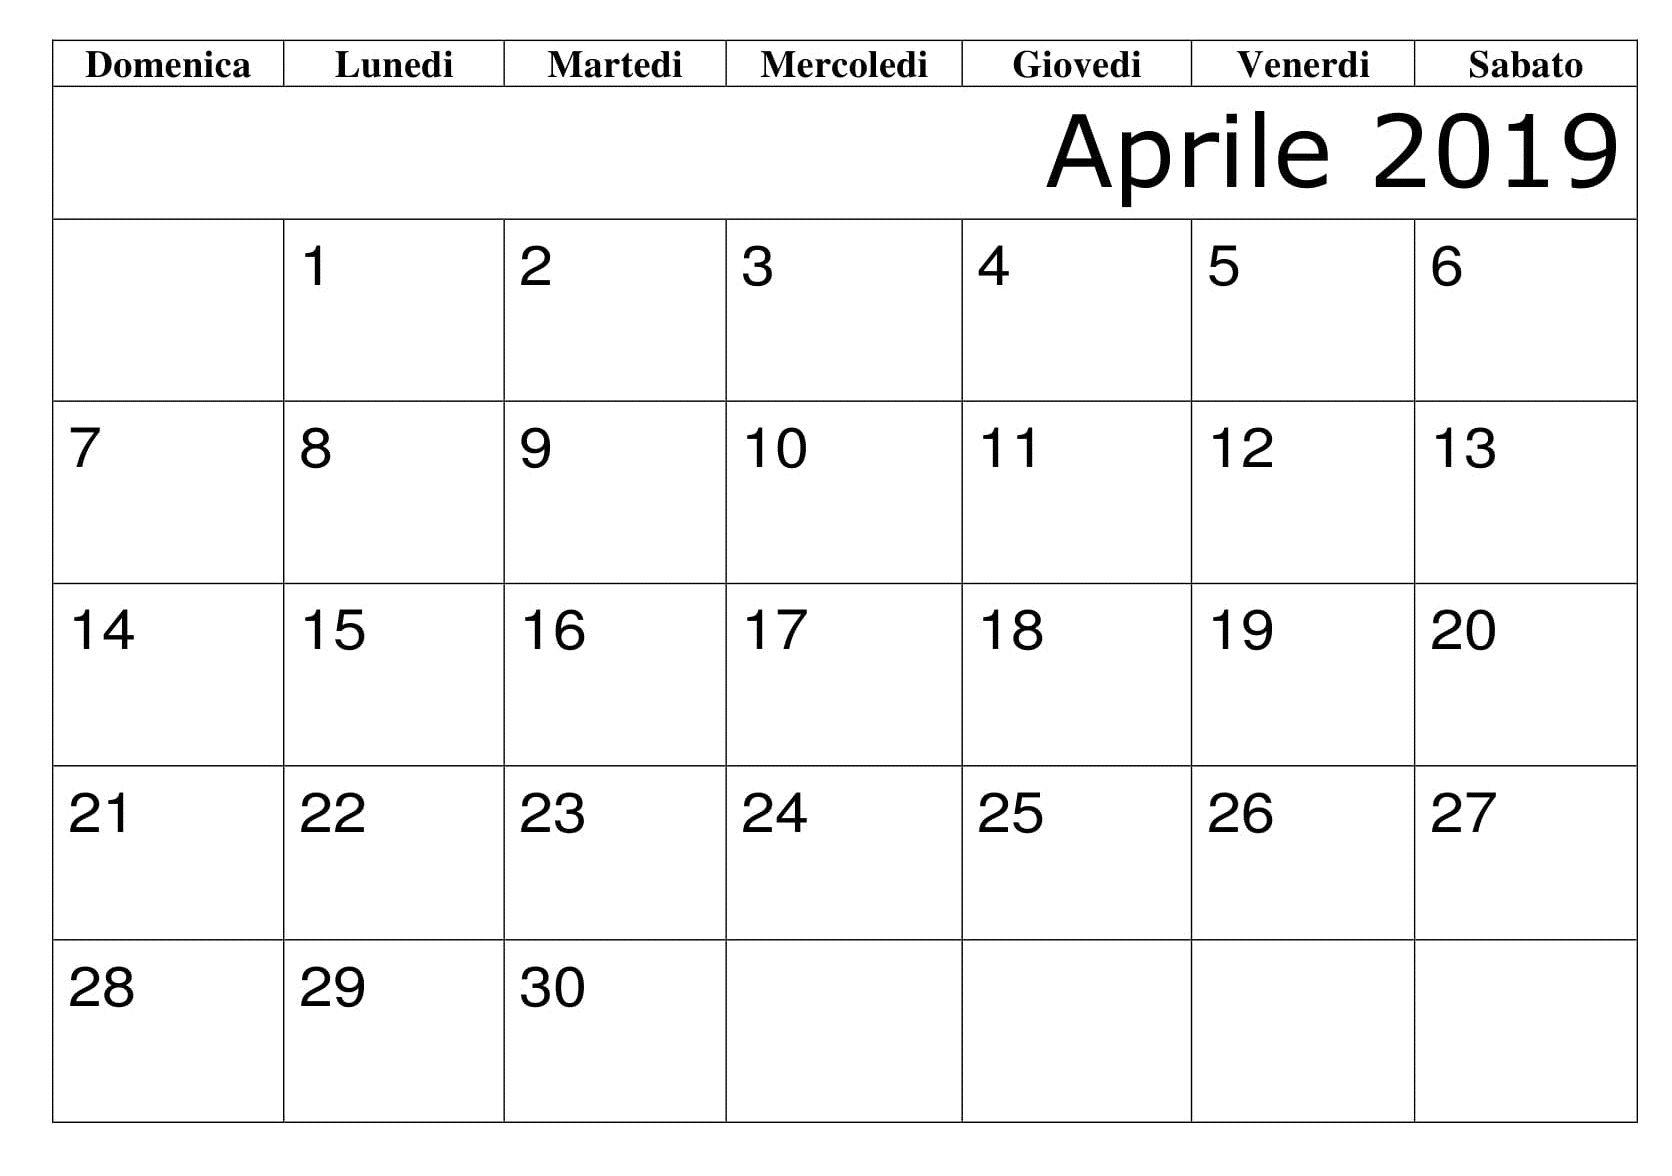 Modelli Calendario 2019.Aprile Calendario 2019 Modello Calendario Aprile 2019 Da